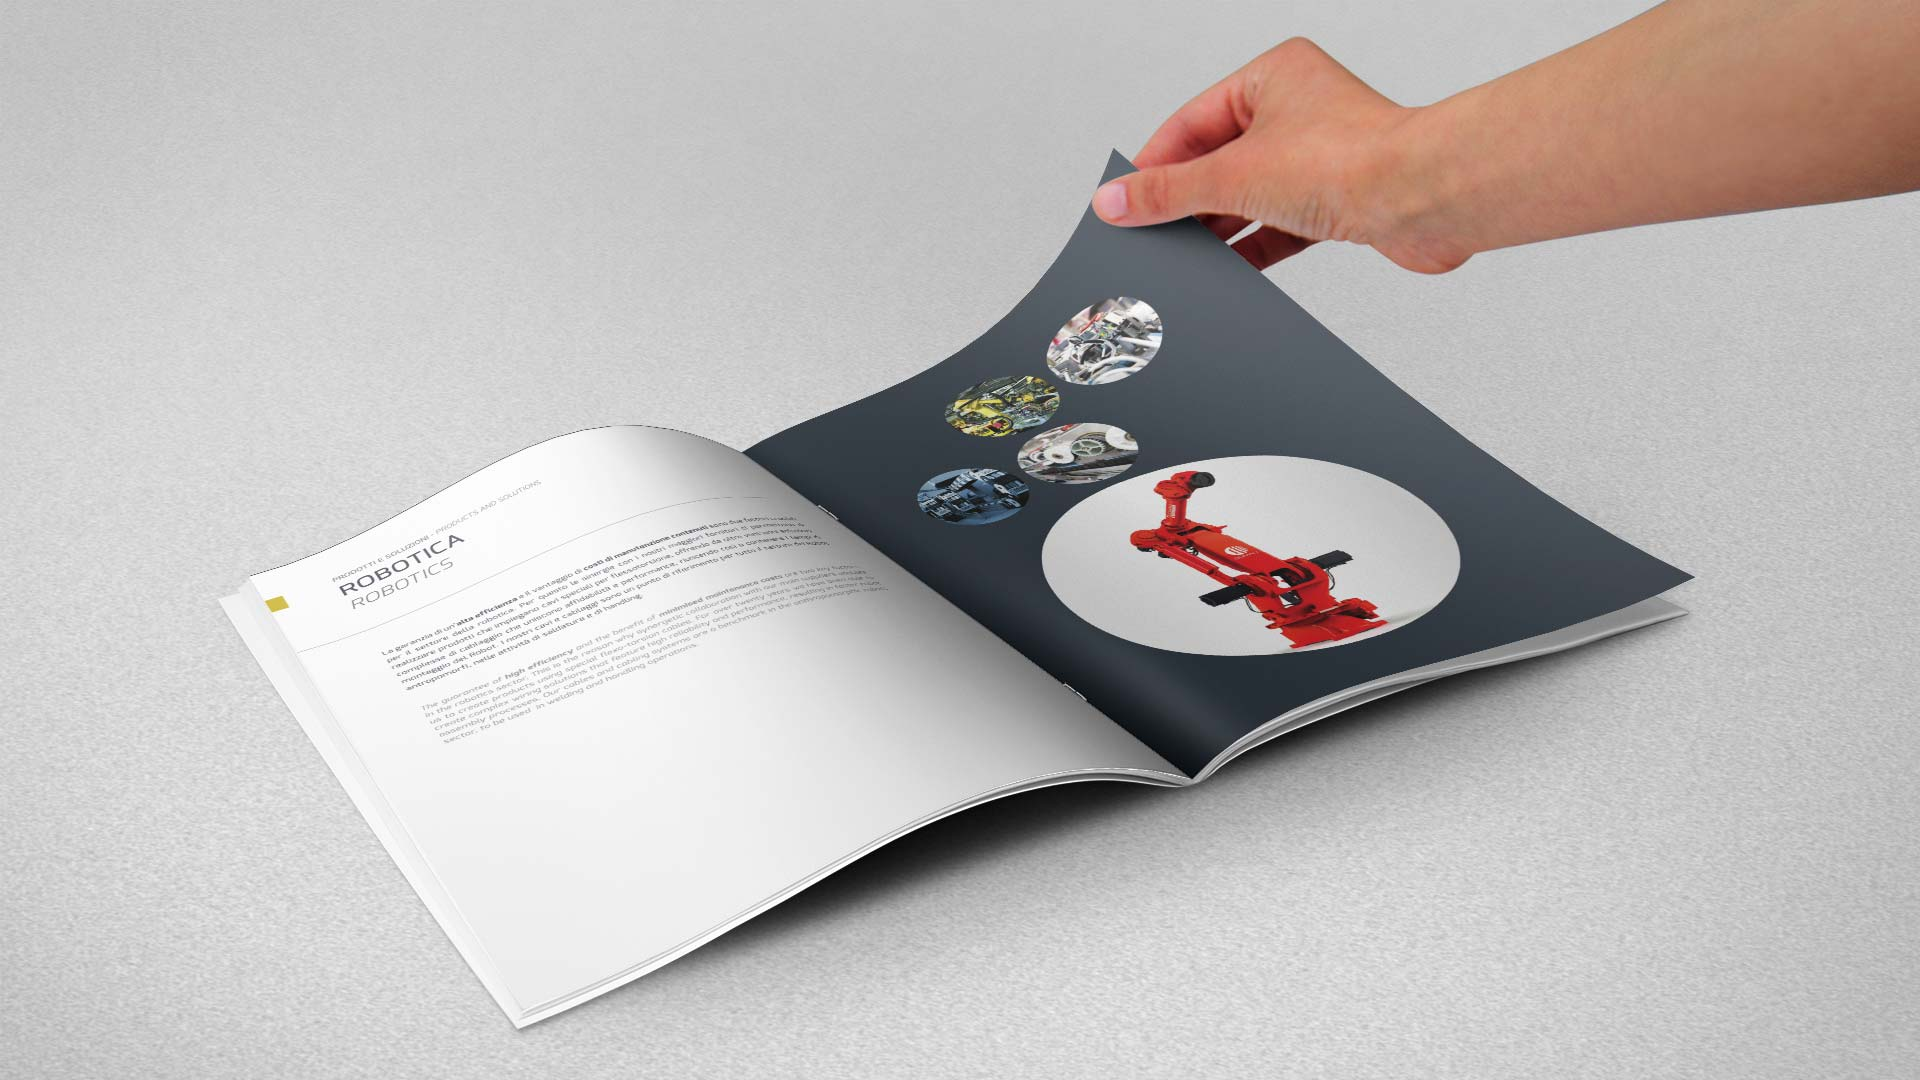 Brochure A4 HTC 3 - HTC, L'impulso dell'innovazione, Brochure